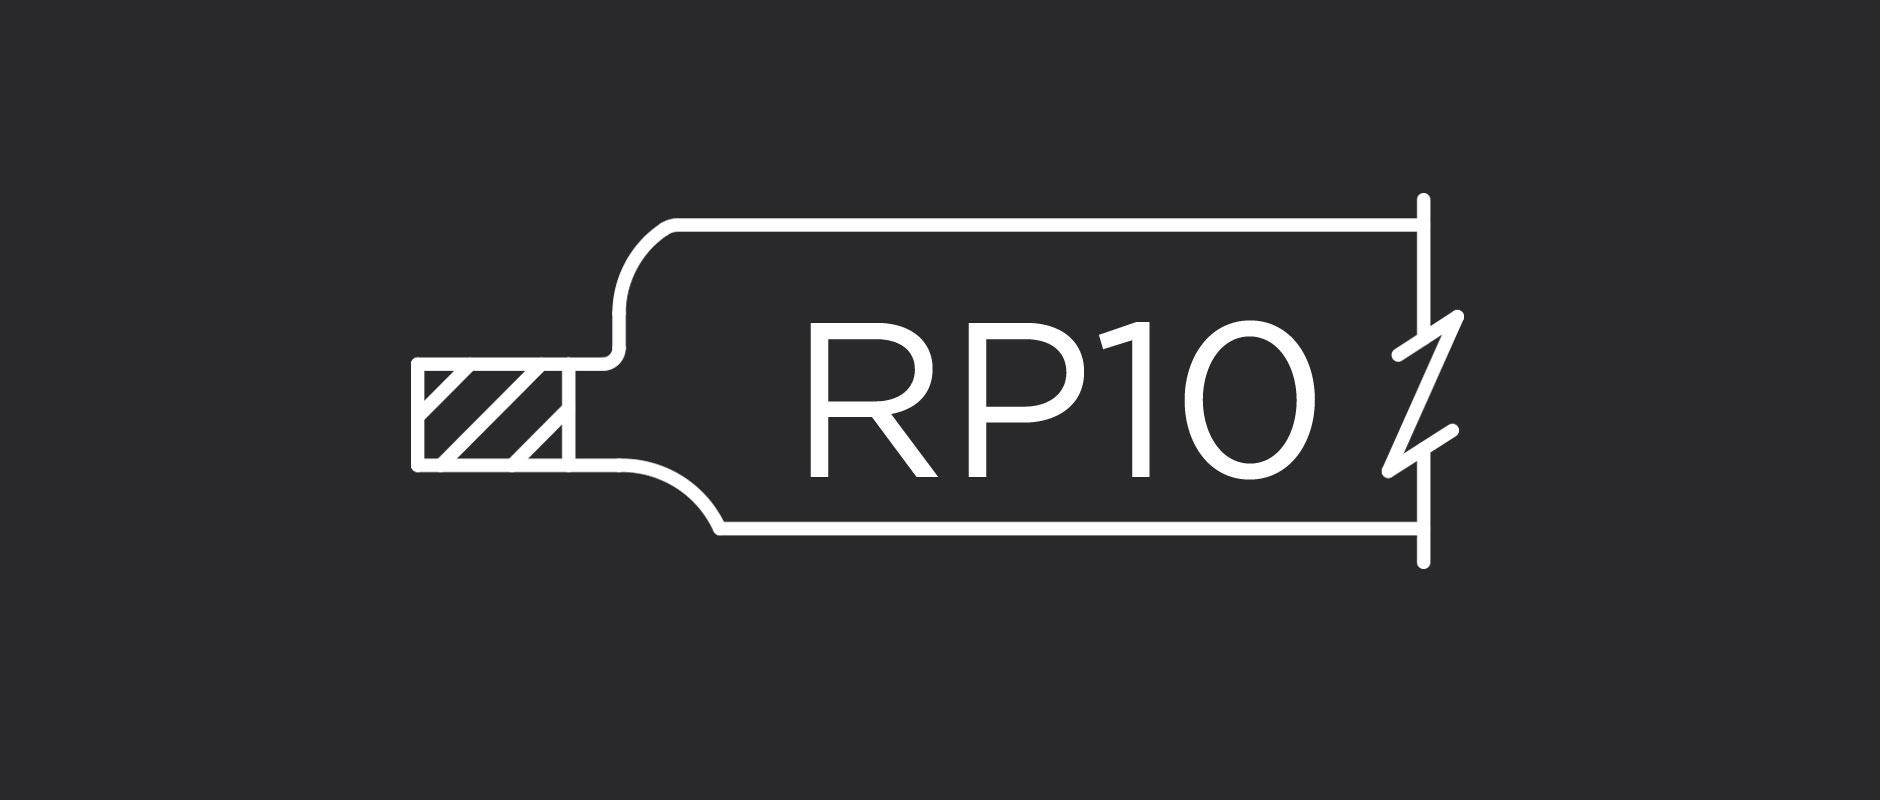 RP10 cabinet door panel profile